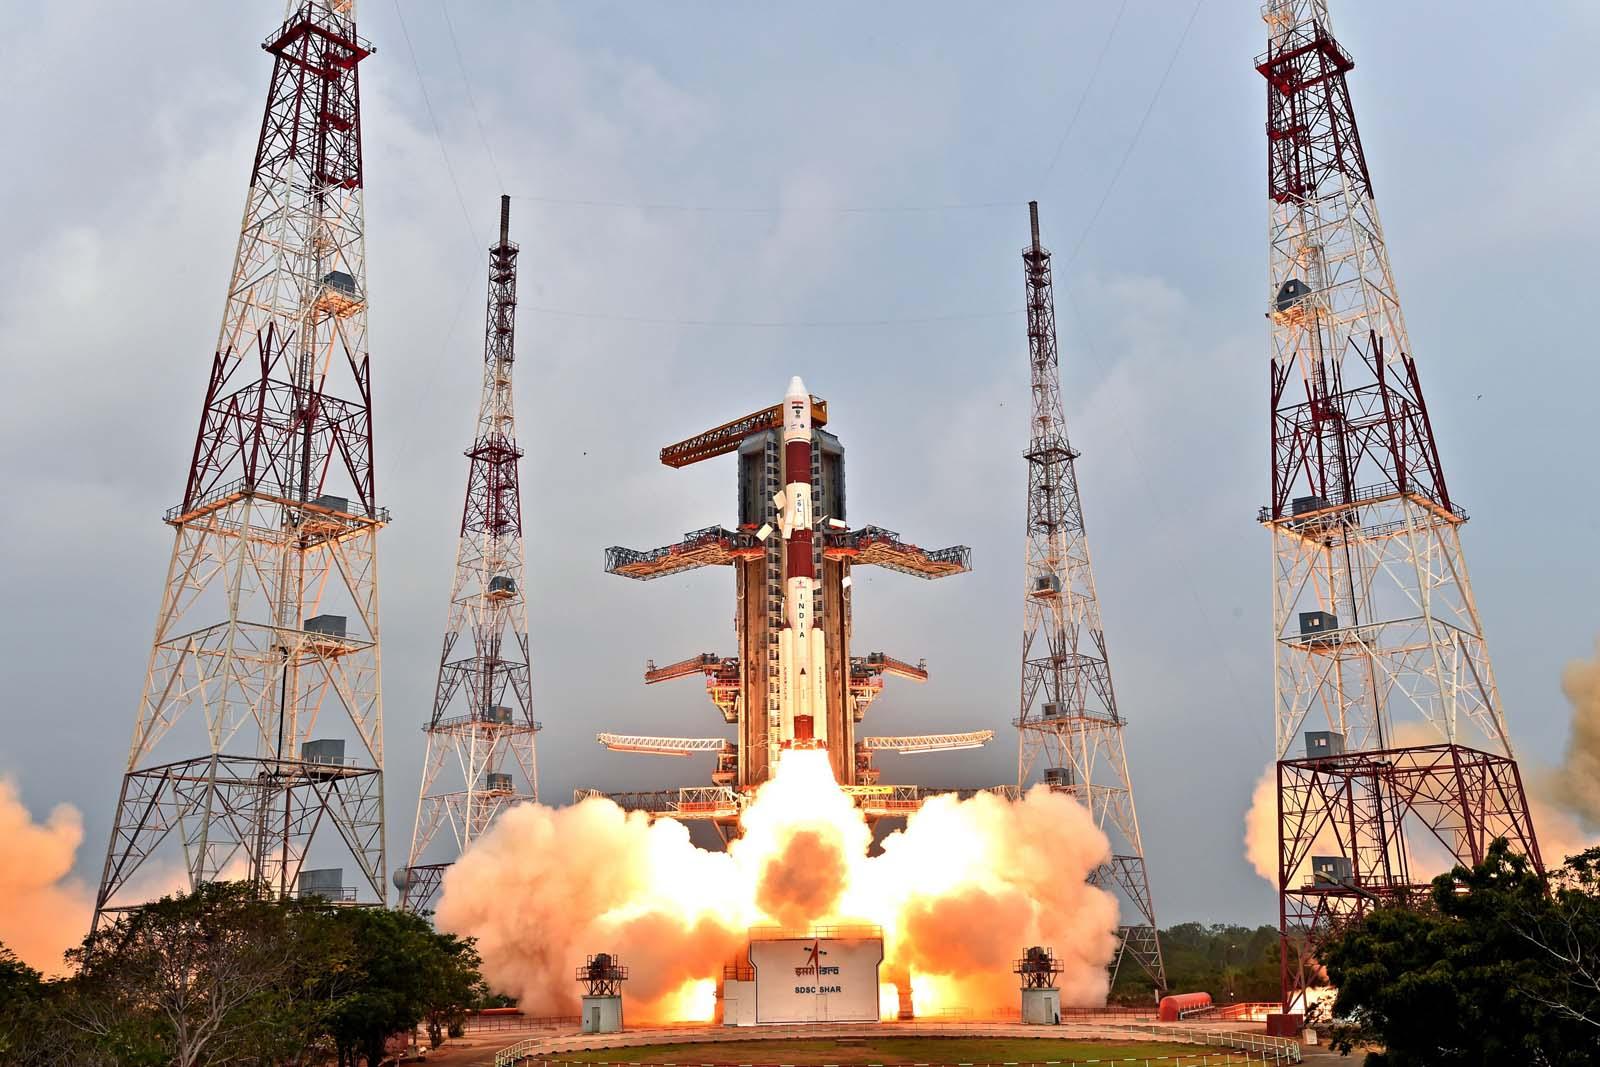 Liftoff del PSLV C31 con a bordo il satellite IRNSS-1E il 20 gennaio 2016. Credit: ISRO